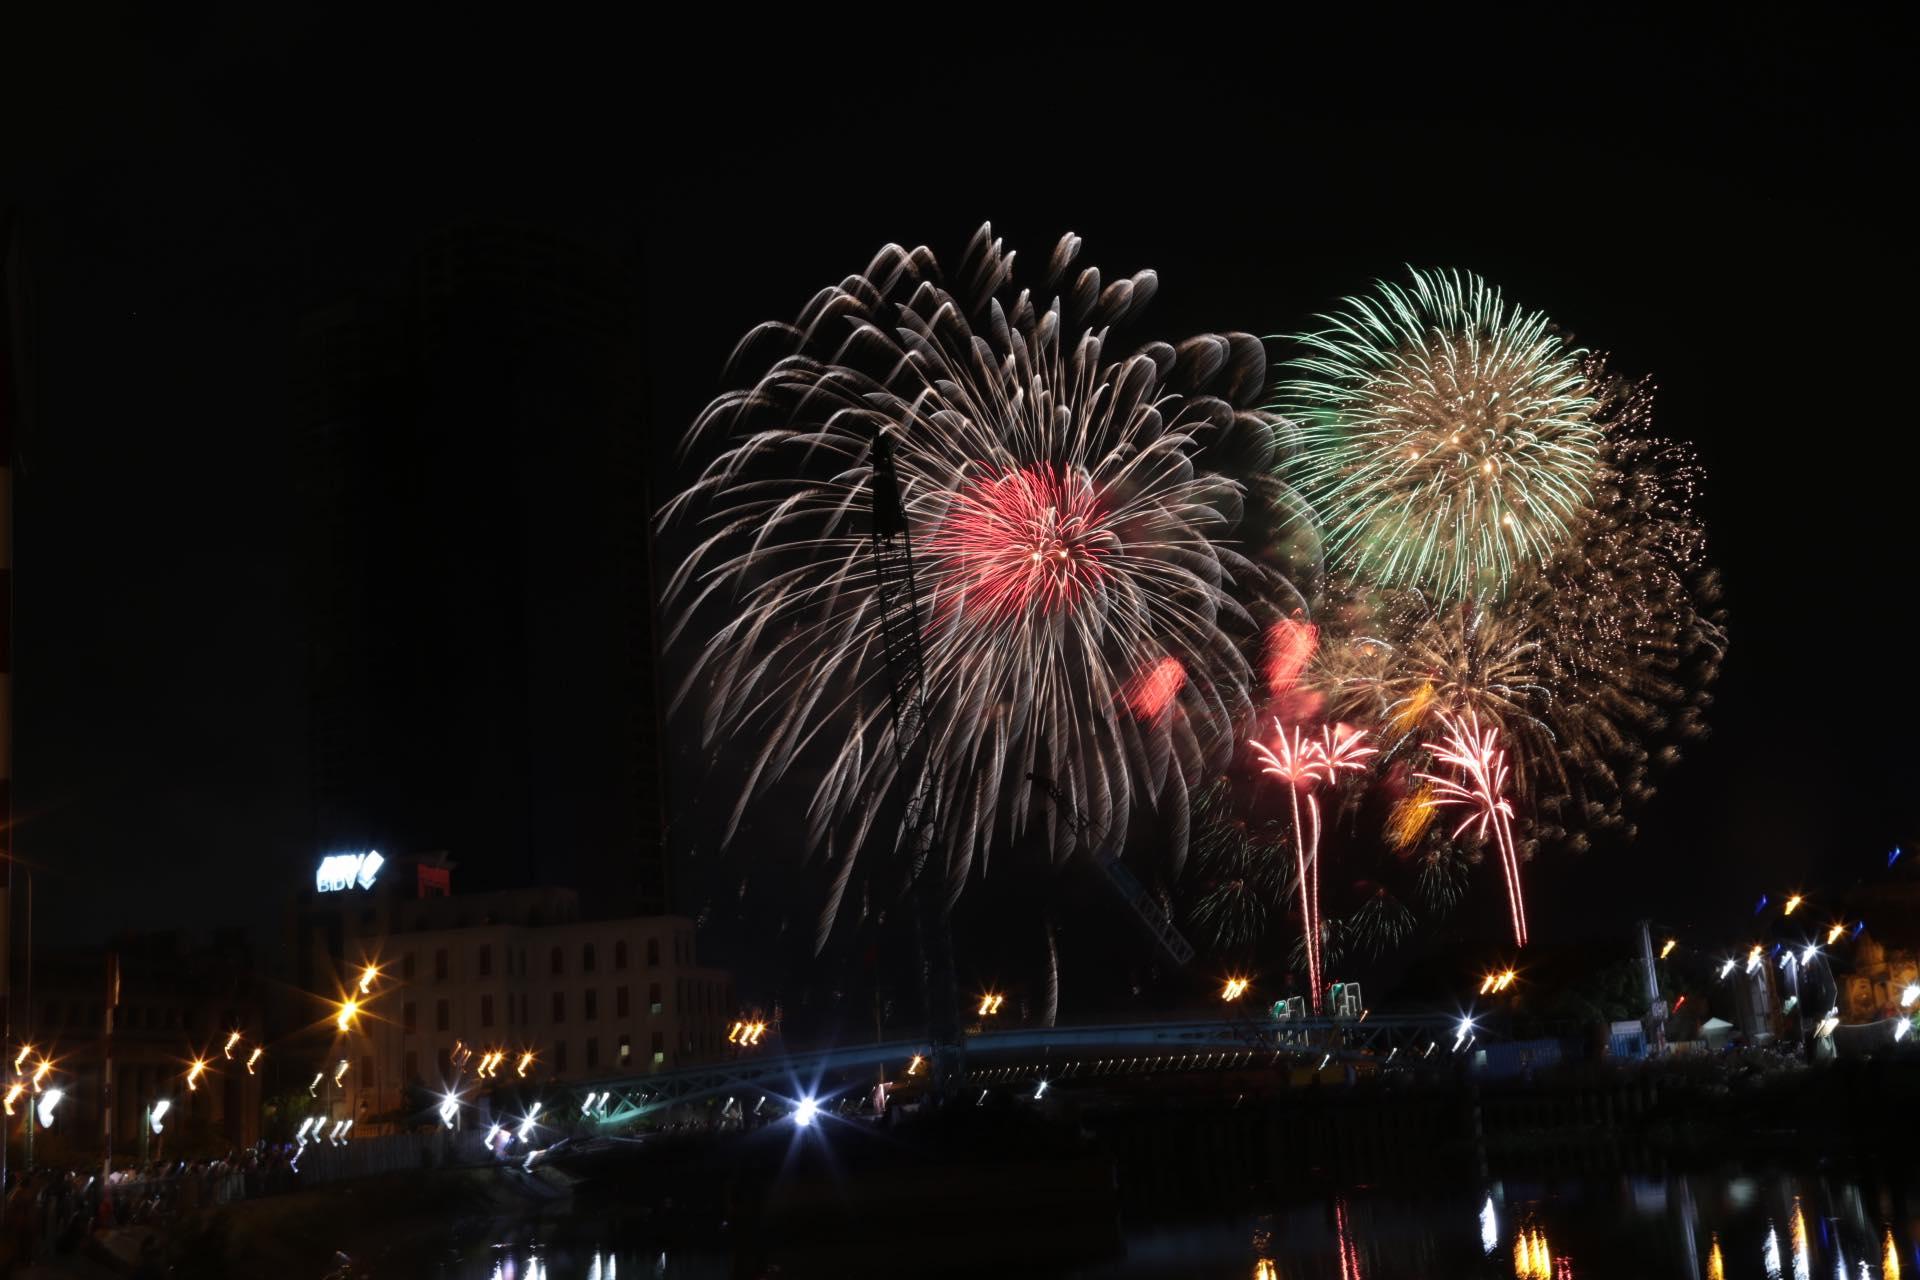 Pháo hoa rực sáng đẹp hút hồn trên bầu trời Sài Gòn, ngàn người vỗ tay tán thưởng - 4